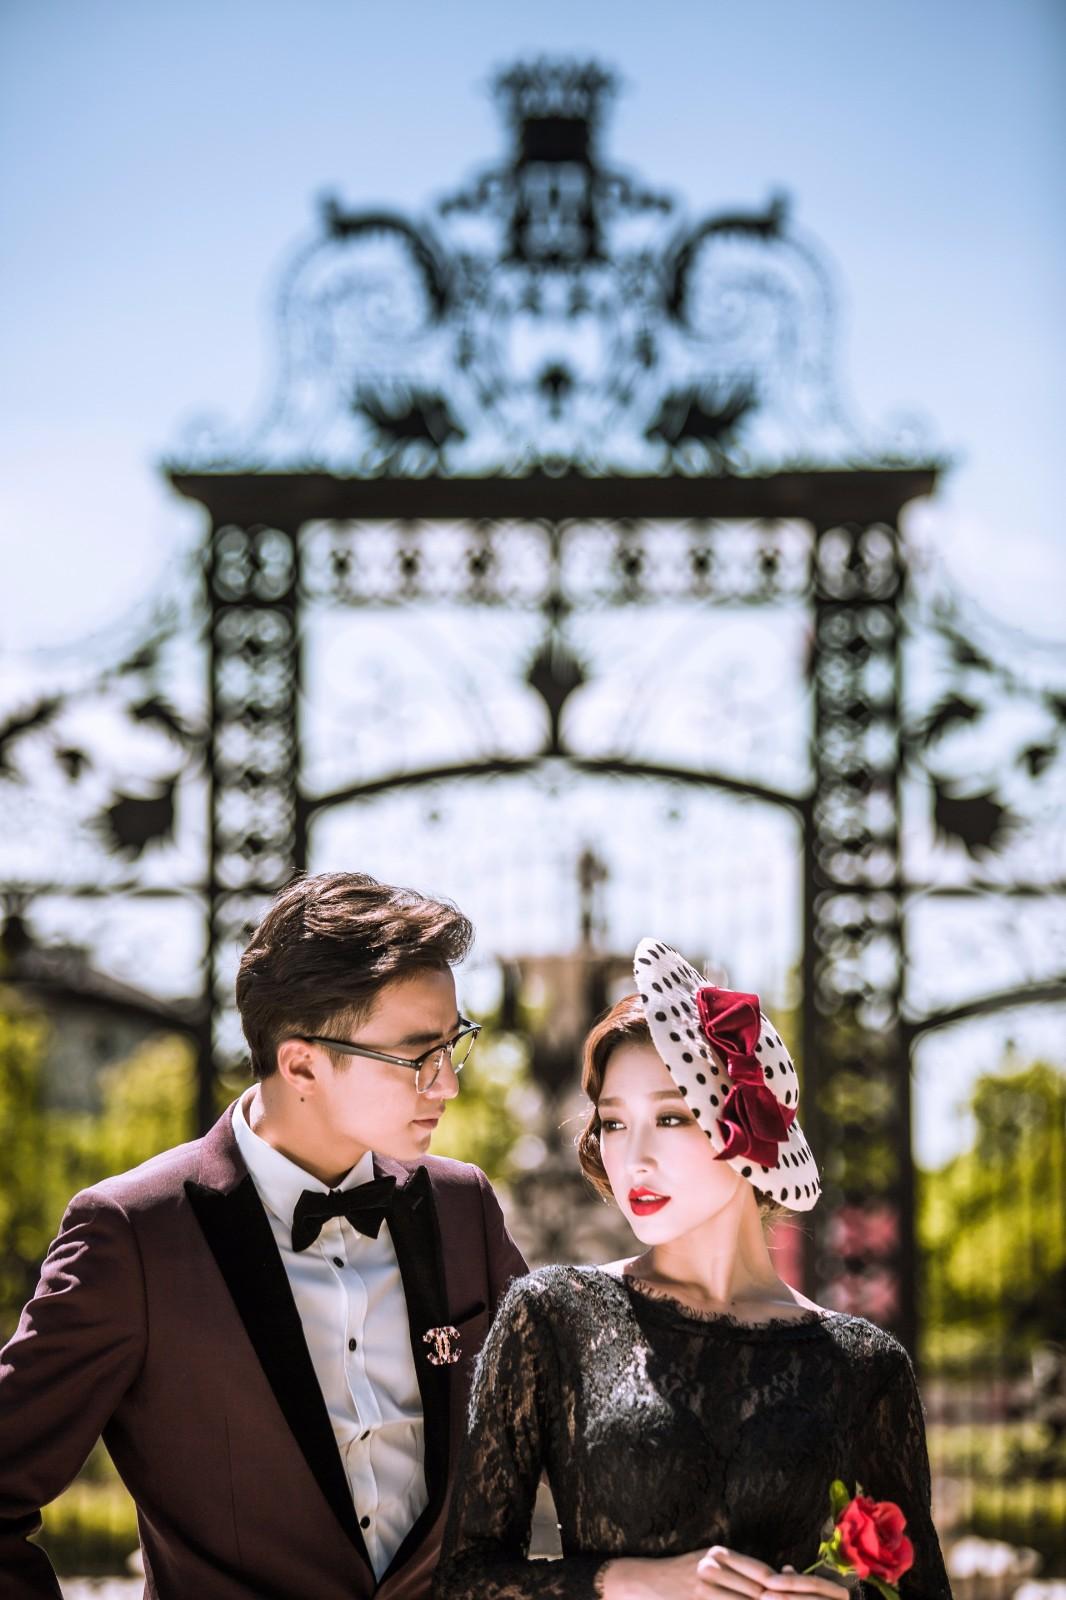 丽江拍婚纱照多少钱,它的价格在全国来说是比较划算的